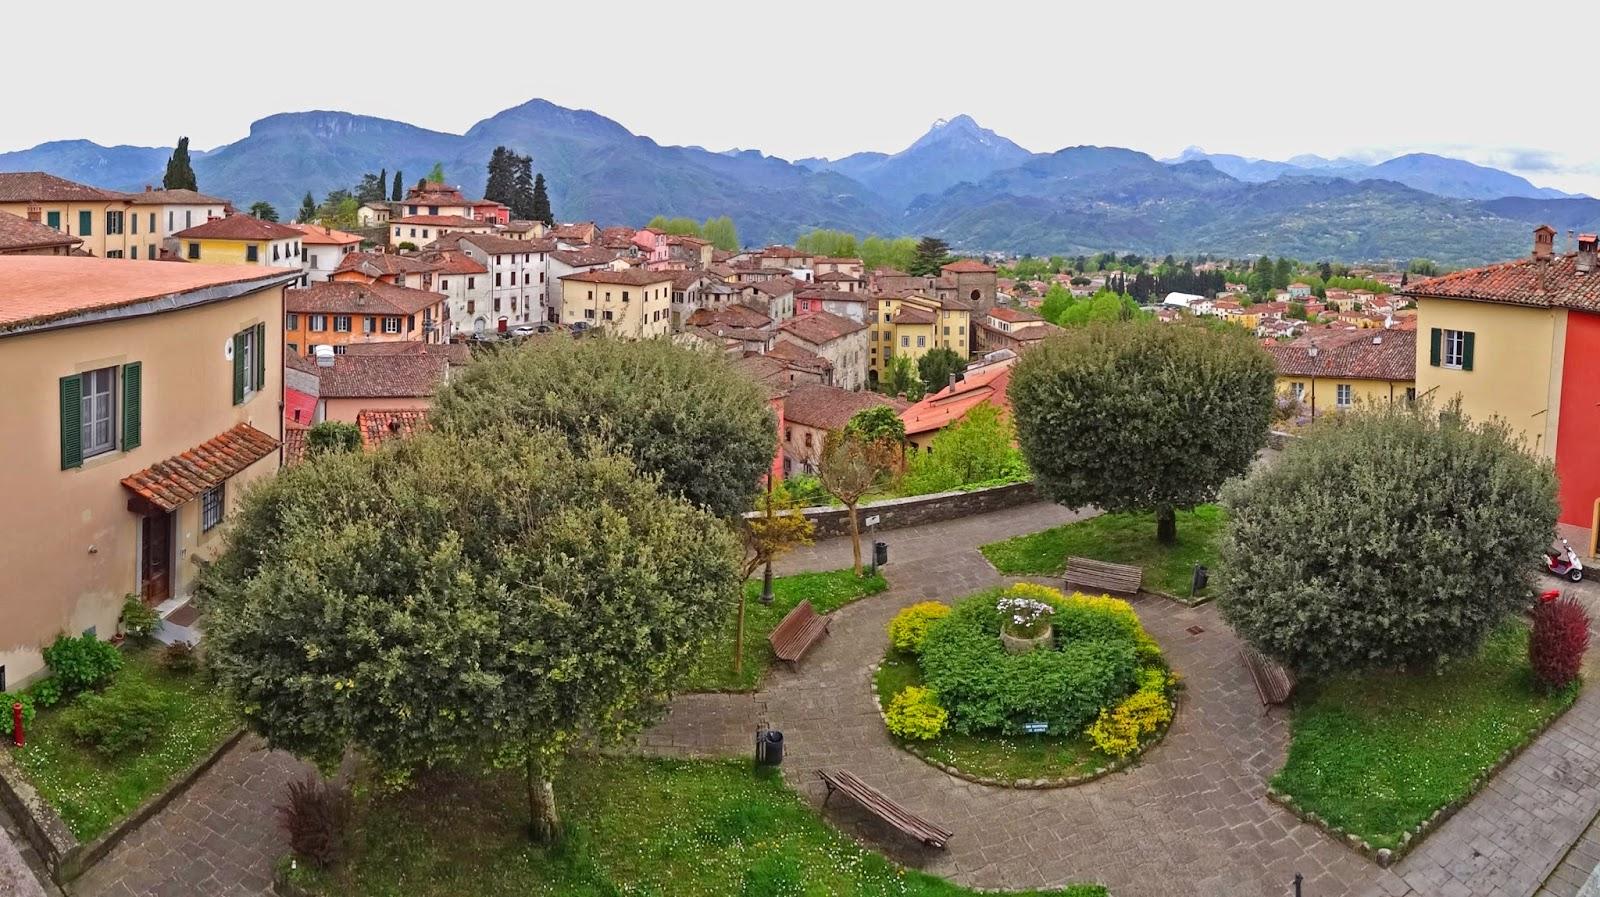 Barga Italy  city photos gallery : Joe's Retirement Blog: Barga, Lucca, Tuscany, Italy